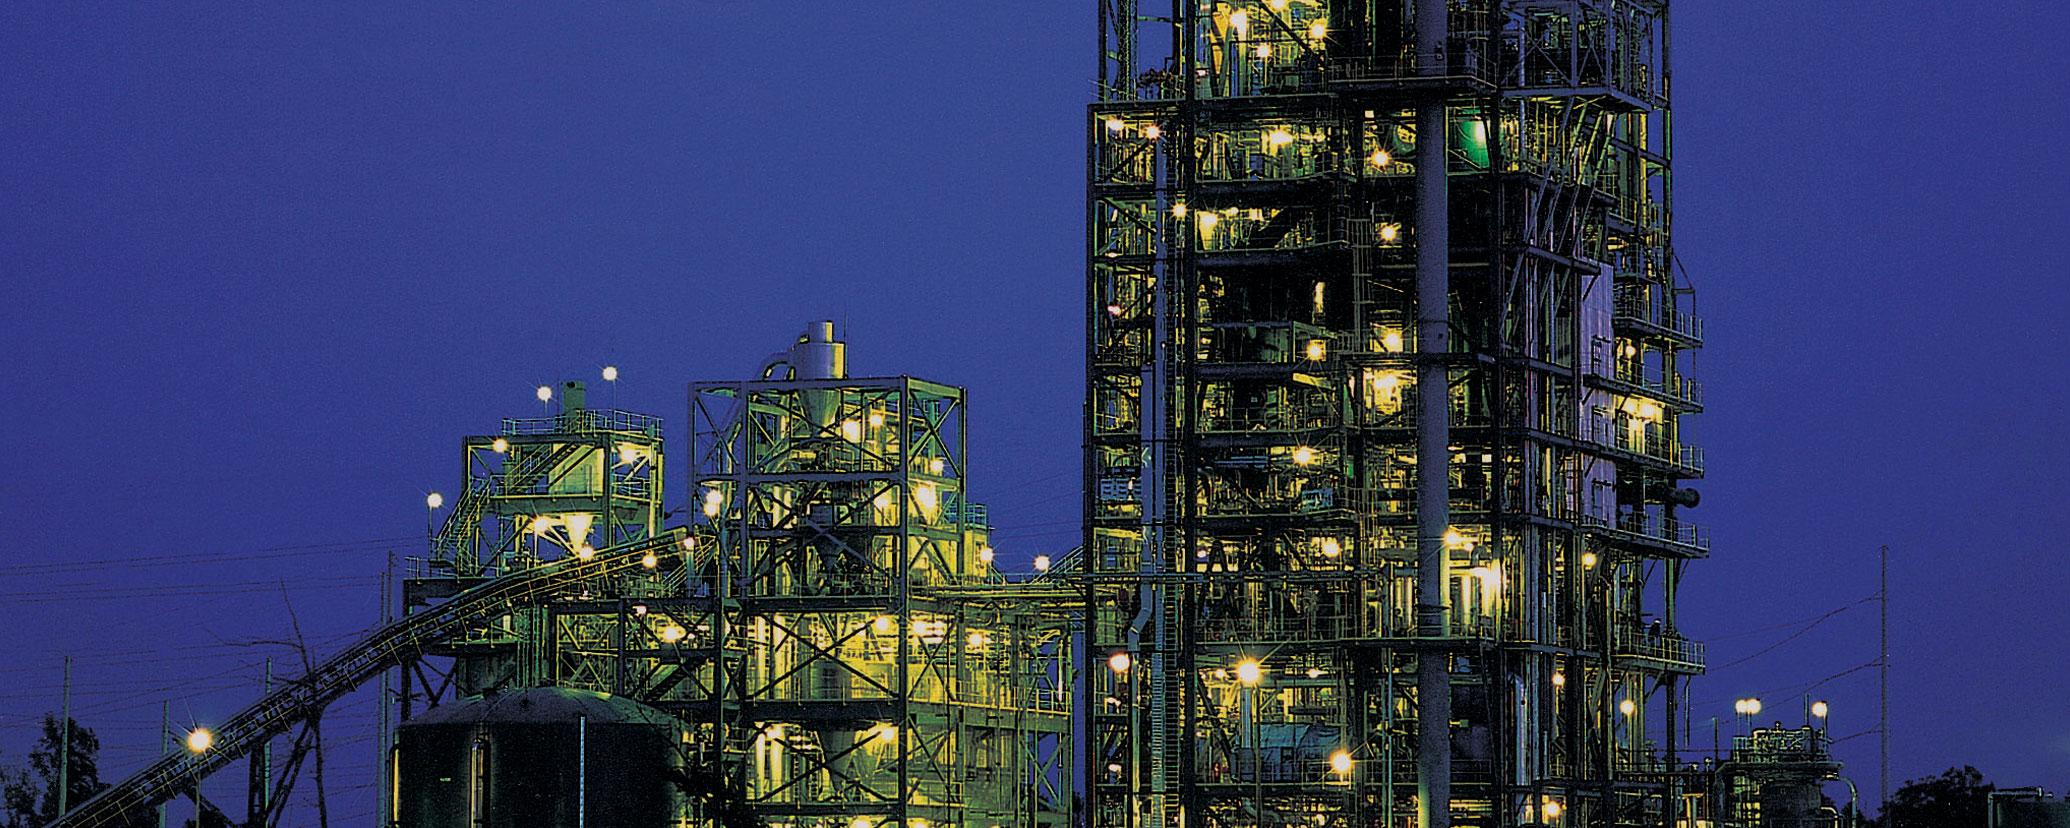 Power Systems Testing Development Center Wilsonville Al Caddell Construction Co Llc